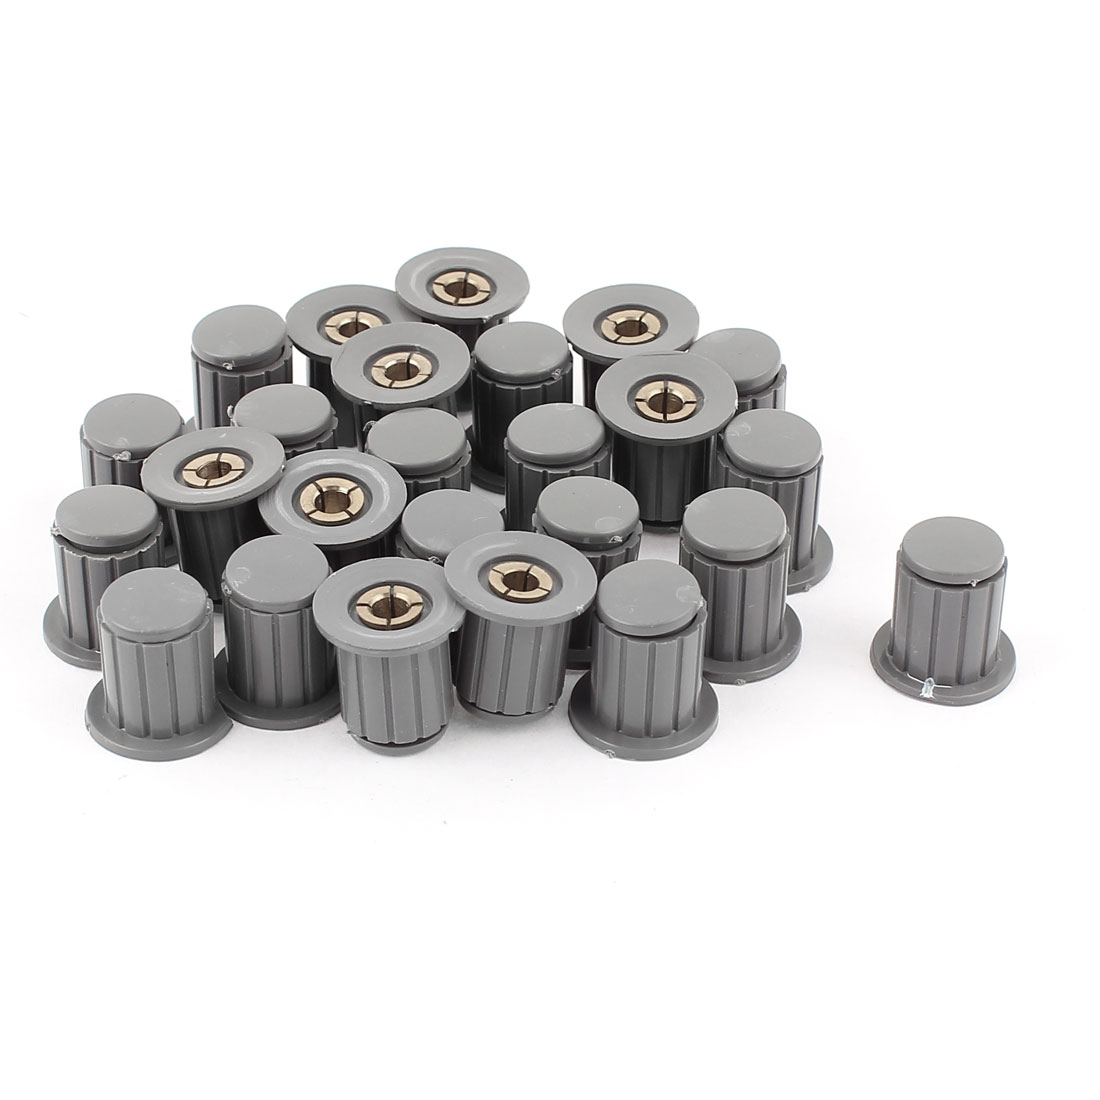 25 pcs 4mm laiton Diamètre insérer boutons commande potentiomètre ton C ur - image 1 de 1